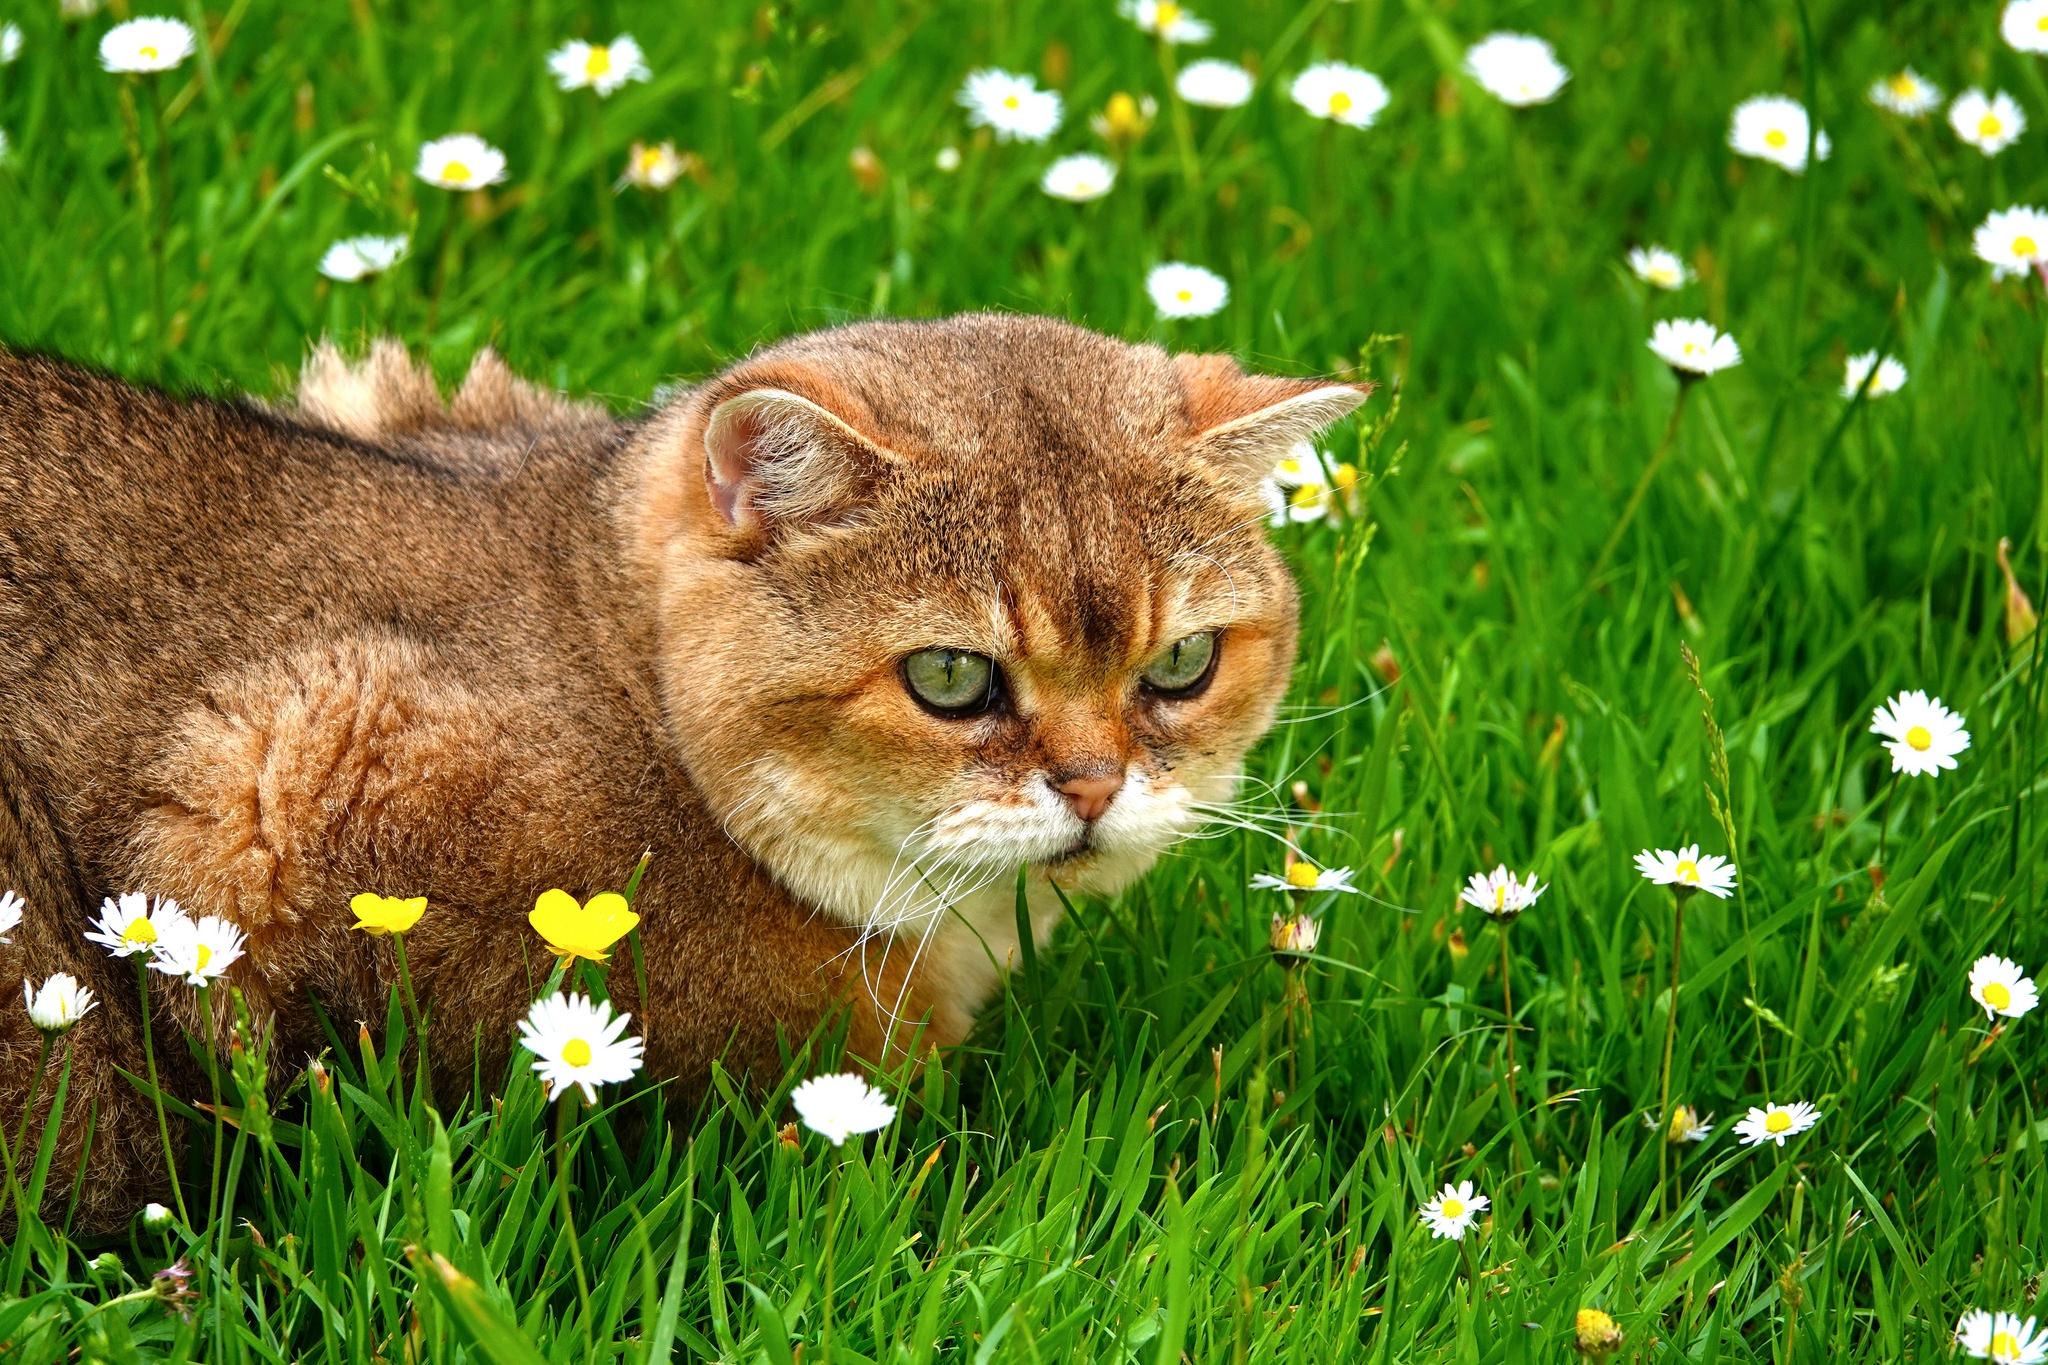 Grass Pet 2048x1365